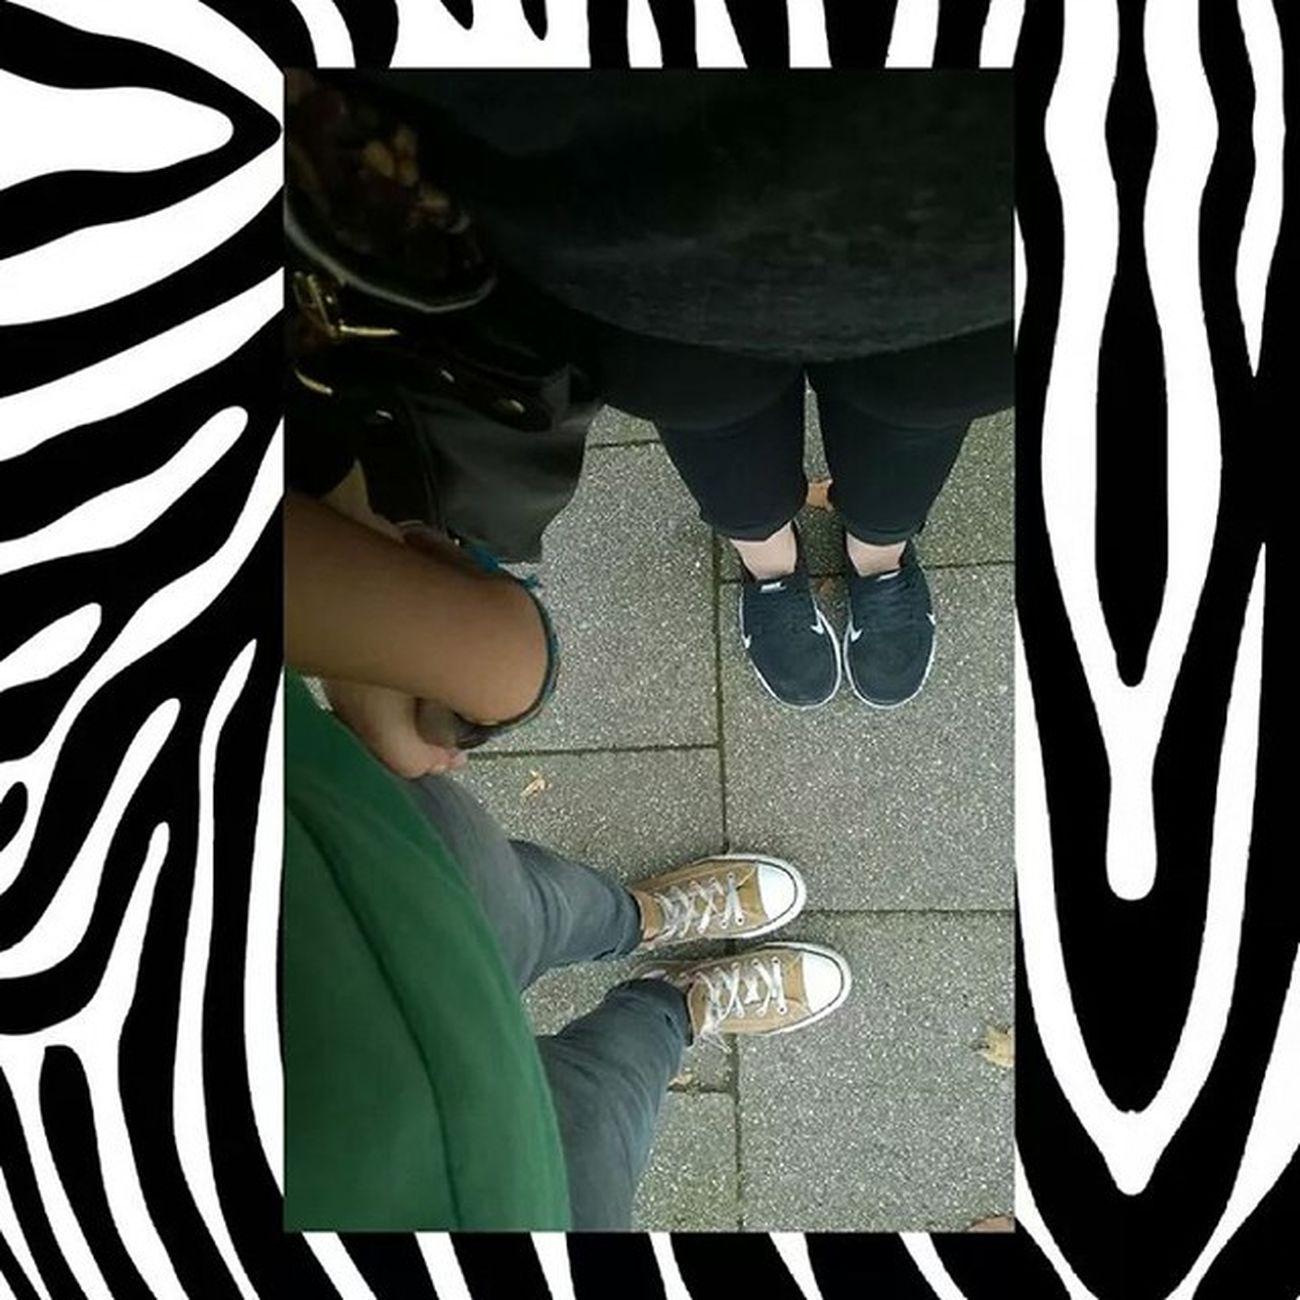 Fatma Und Ich Seni seviorum ♥ hand on hand inlove ♡ @fatma_2536